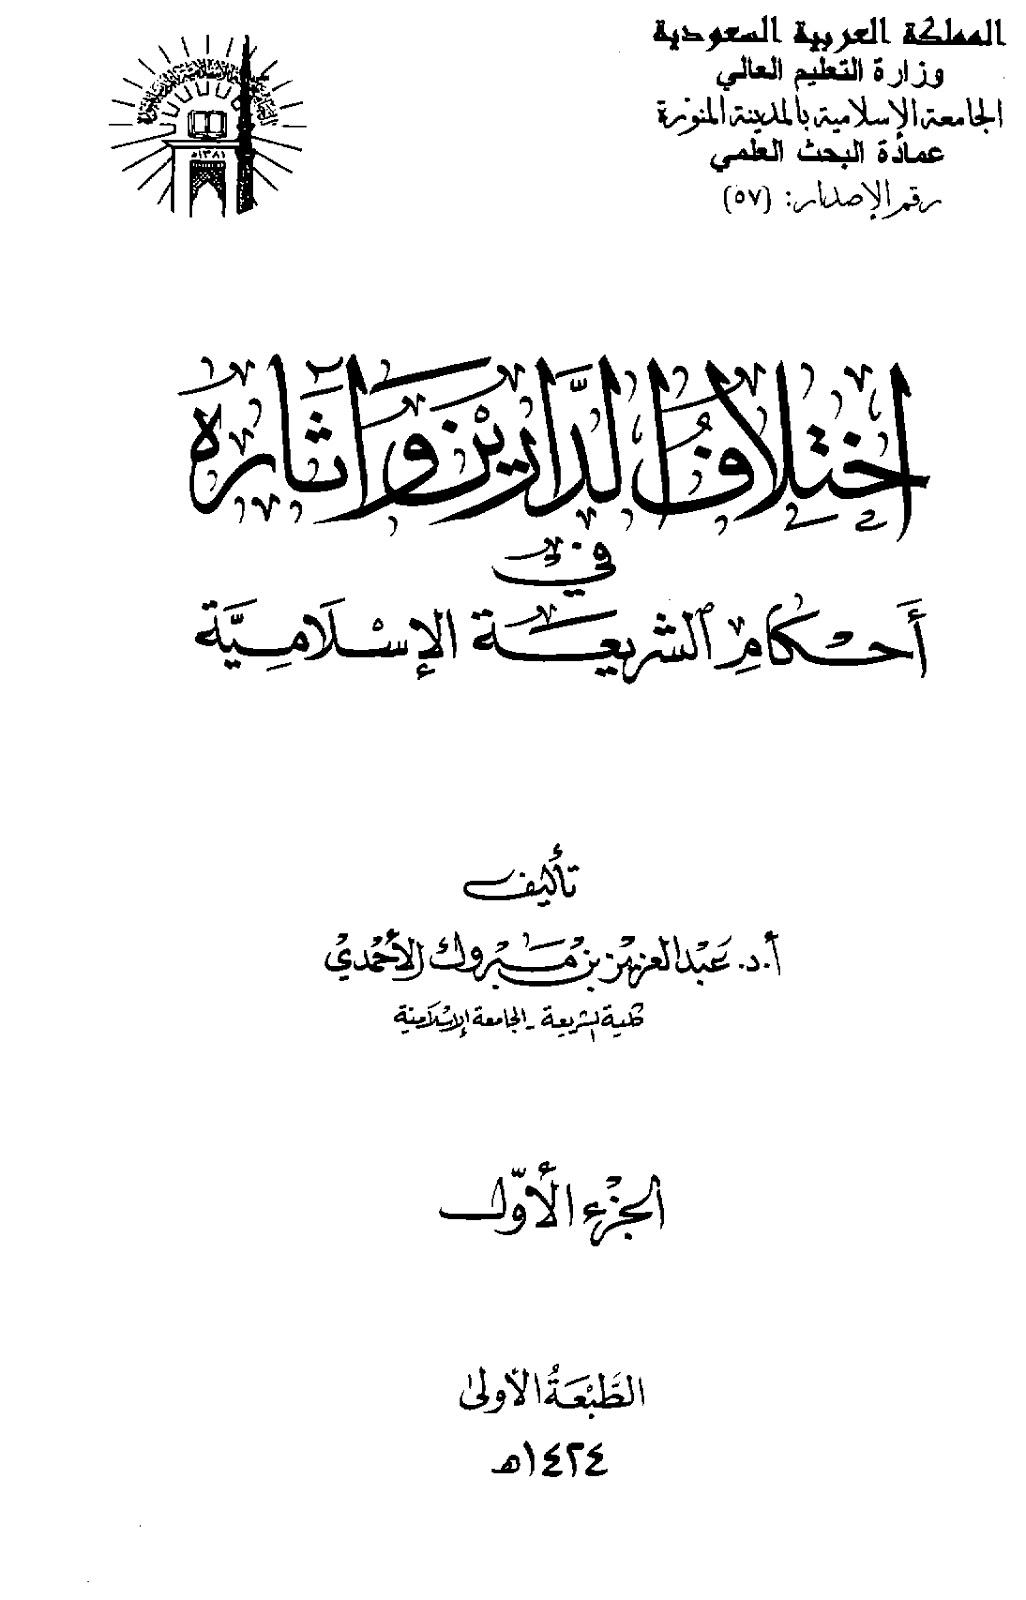 اختلاف الدارين وأثره في أحكام الشريعة الإسلامية - عبد العزيز بن مبروك الأحمدي pdf